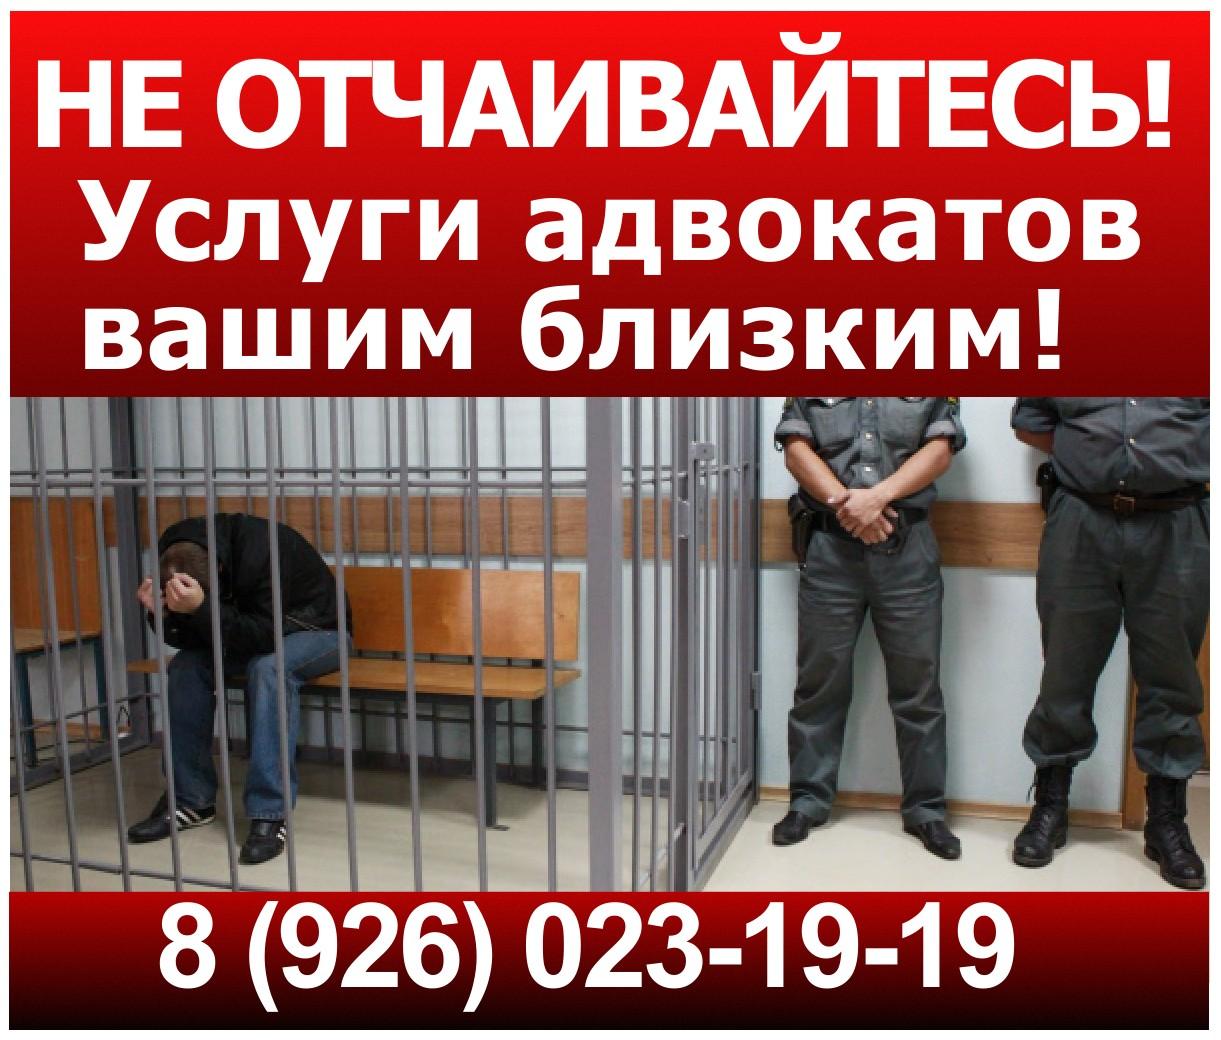 ugolovnyy_-advokat_moskva.-advokat_po_-ugolovnym_delam